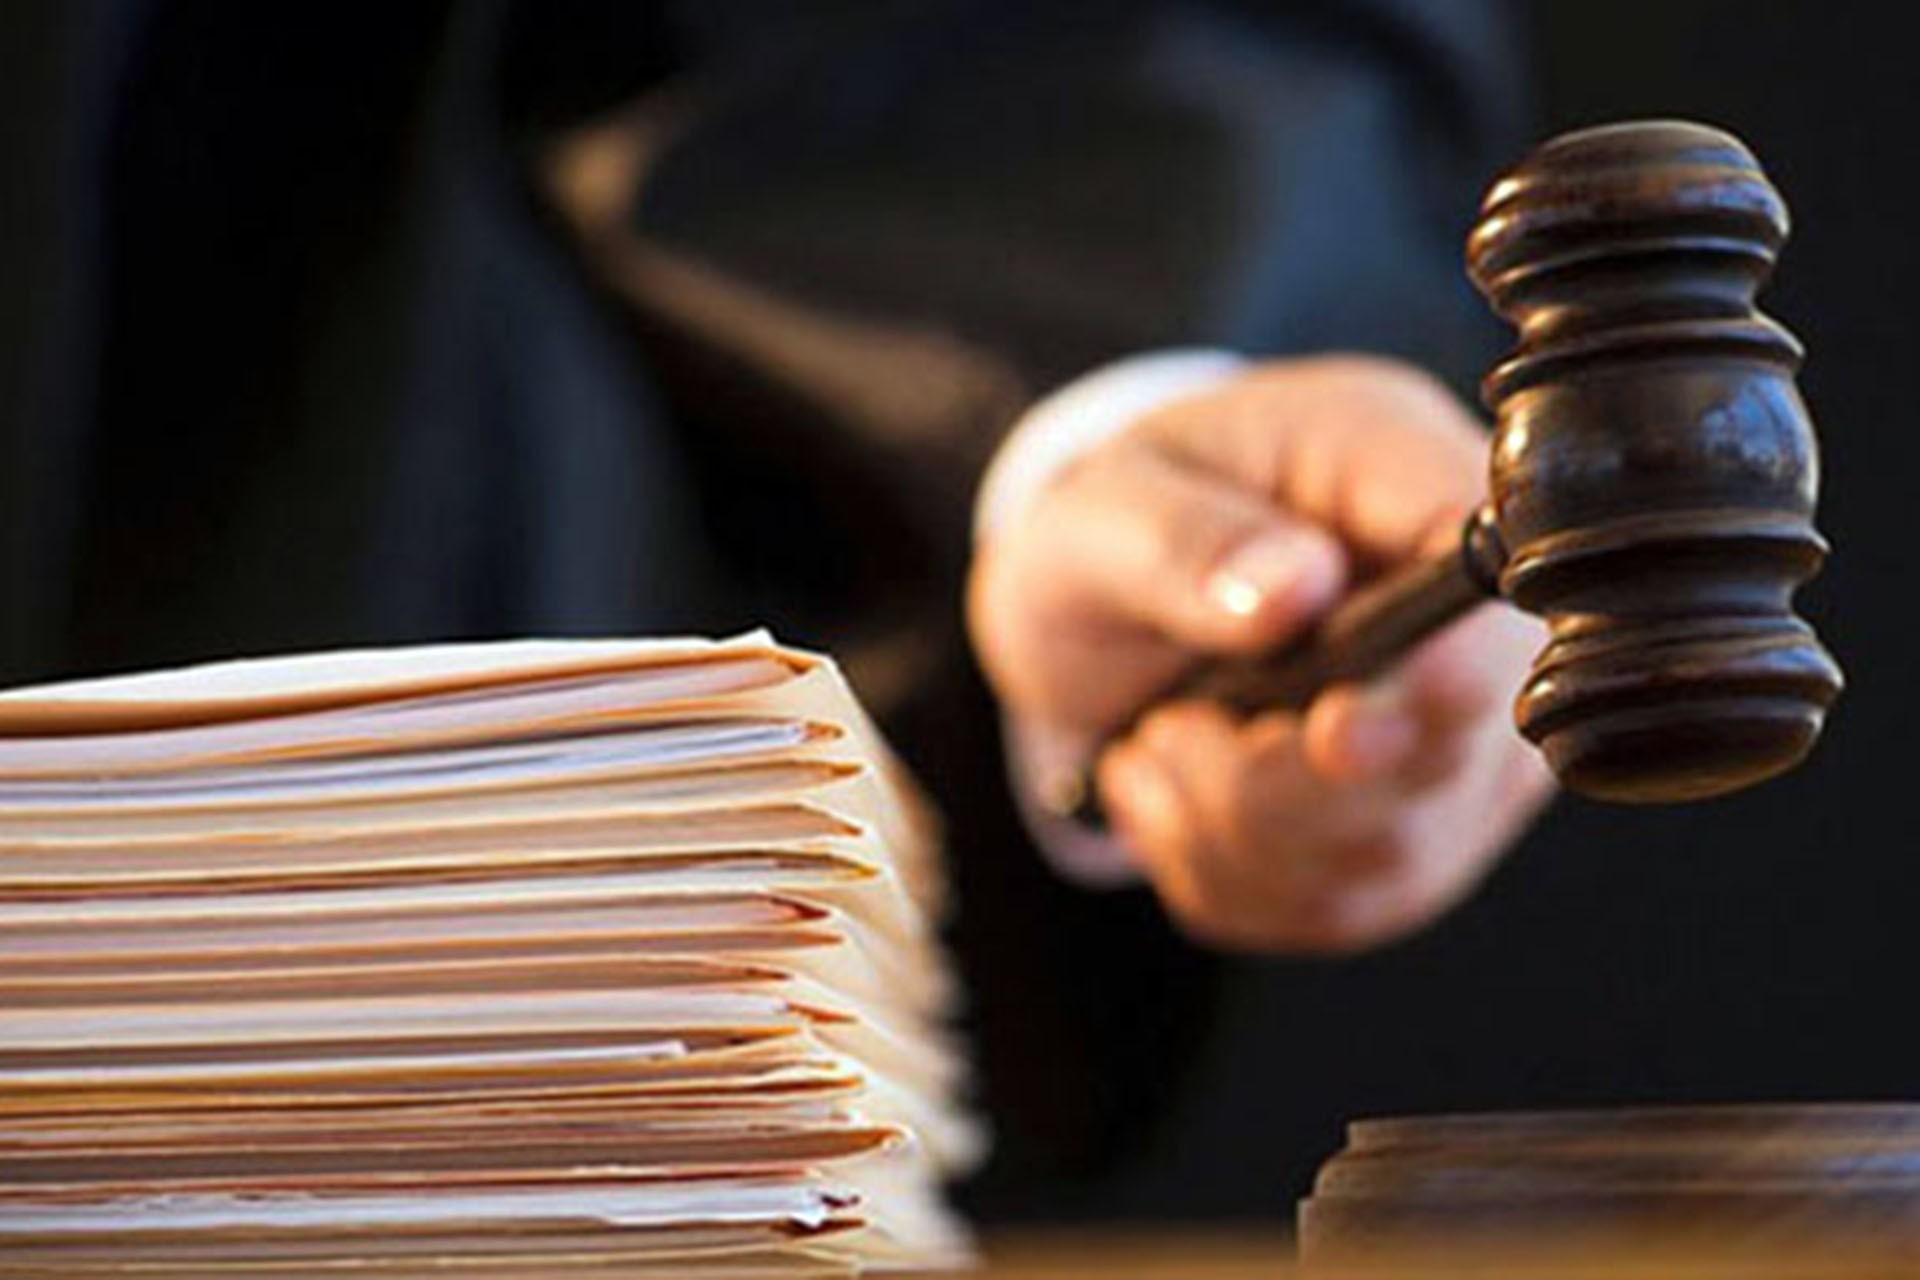 Bakan Gül duyurdu: 1 milyon dosya mahkemesiz çözümlendi!